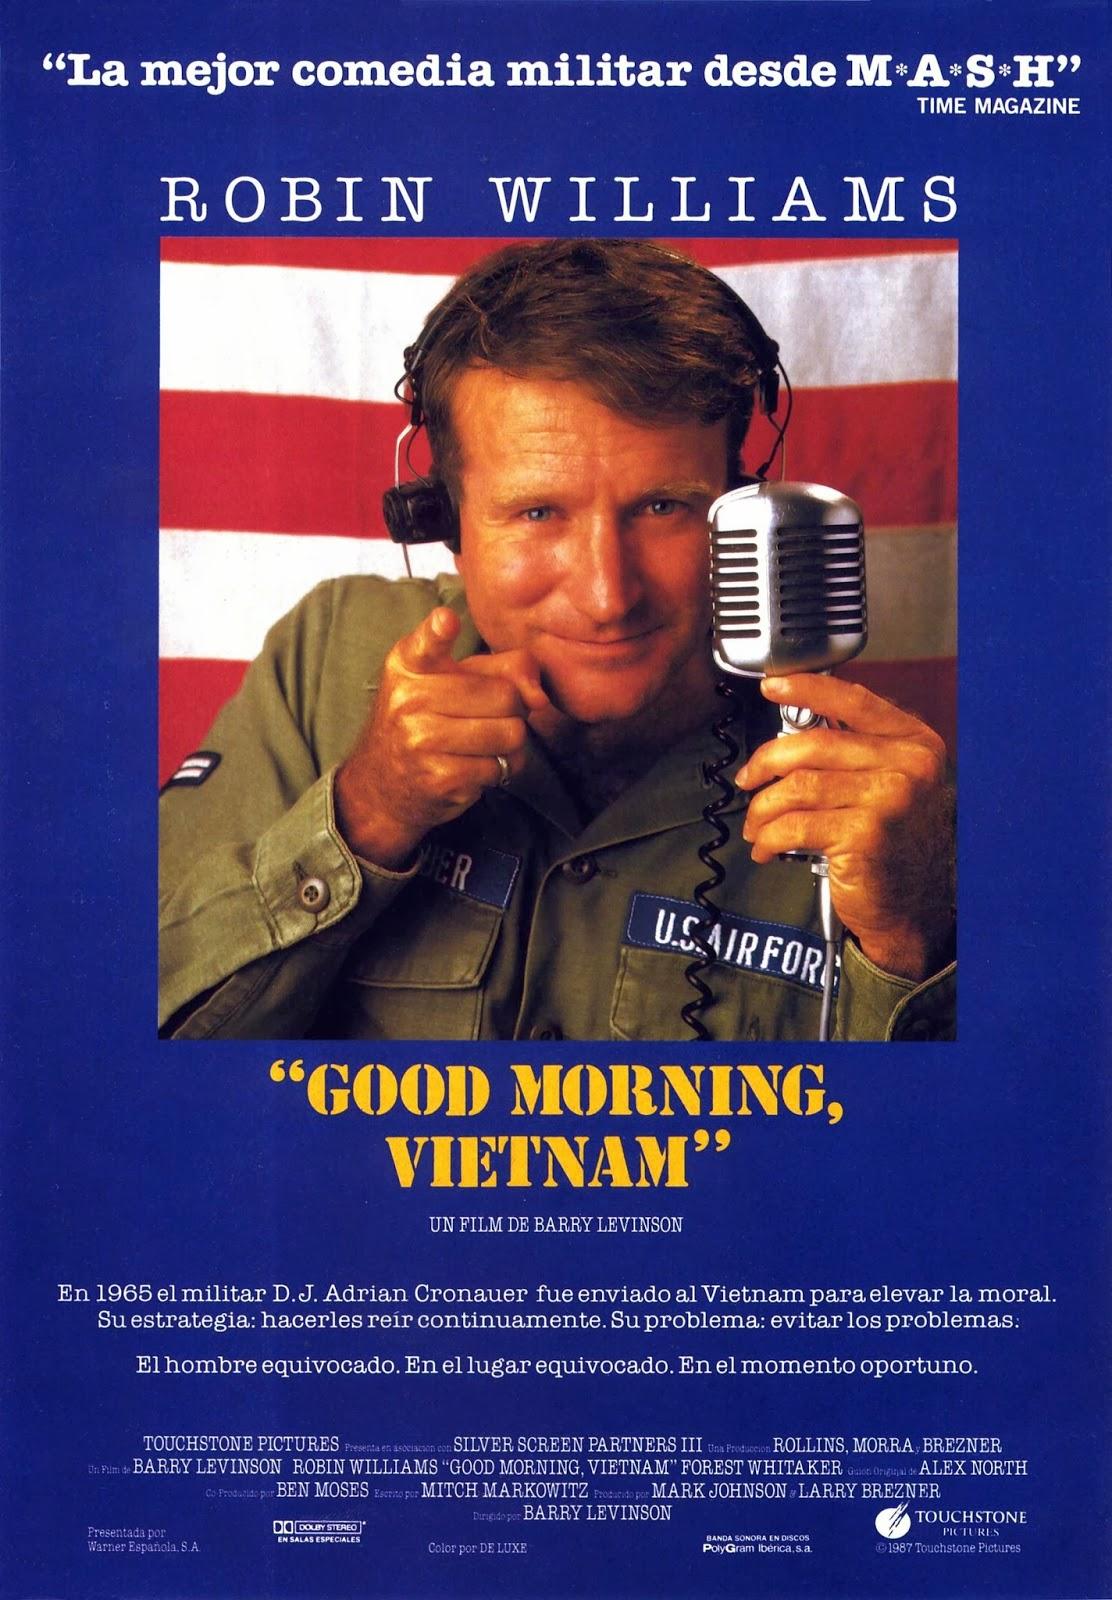 Good Morning Vietnam Disney : TÓmbola disney good morning vietnam